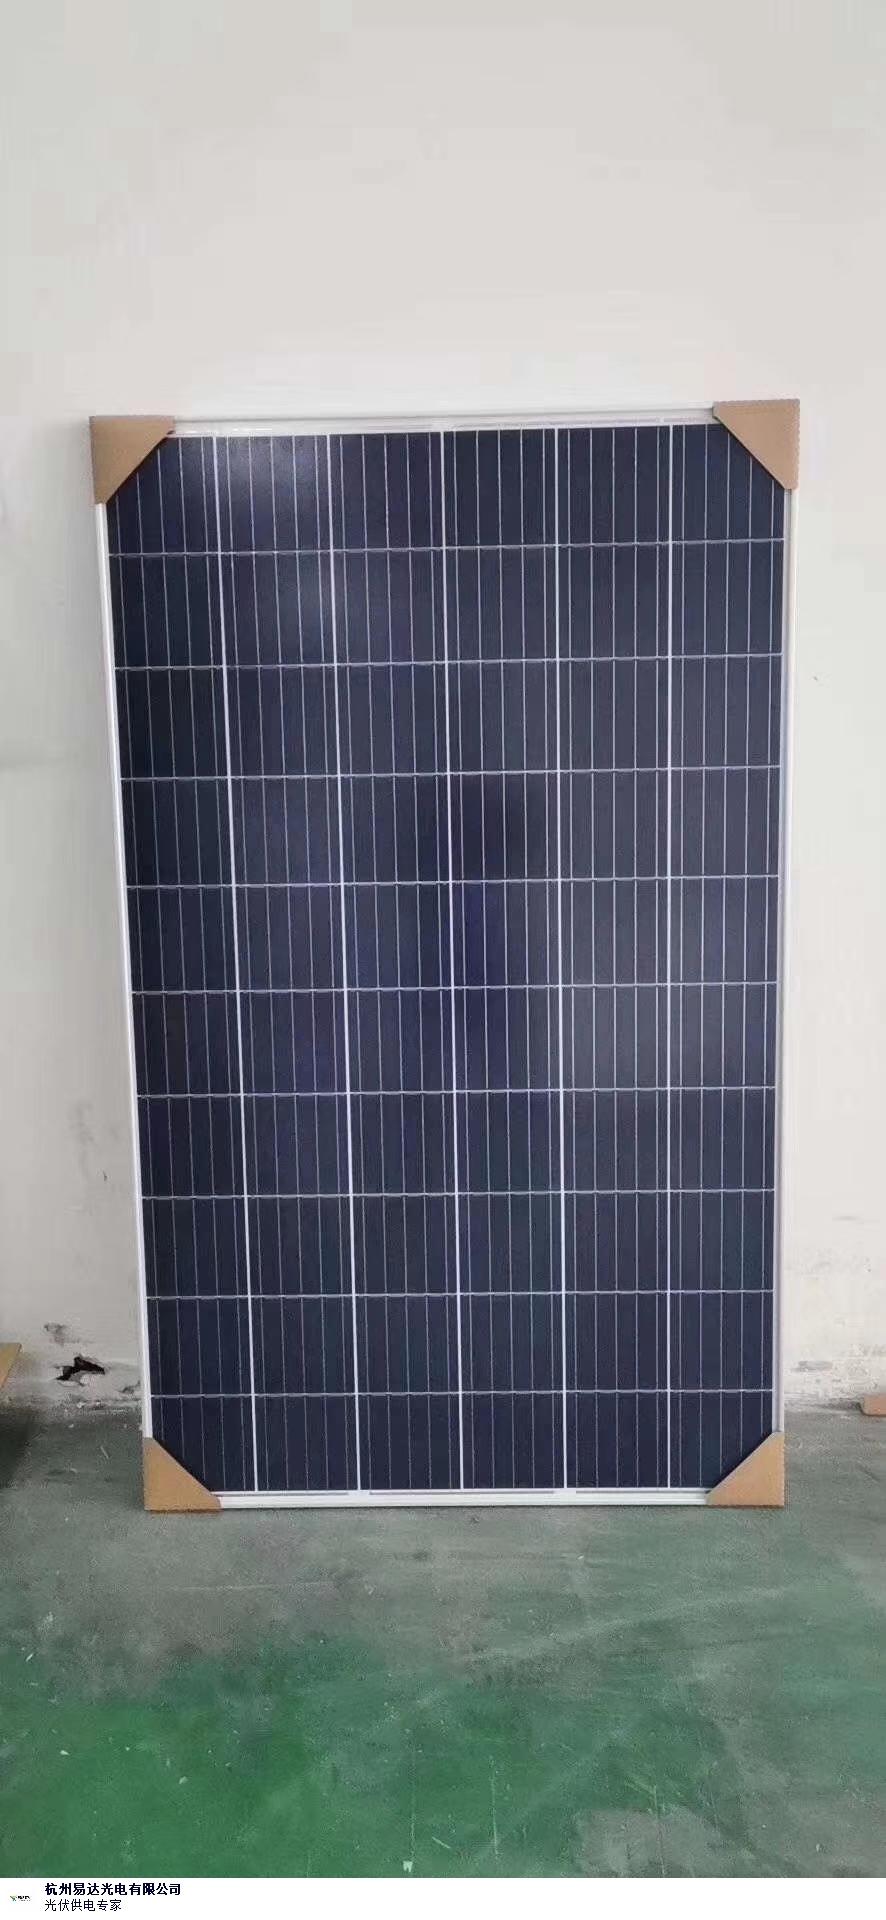 錦州太陽能發電板廠家 誠信為本 杭州易達光電供應